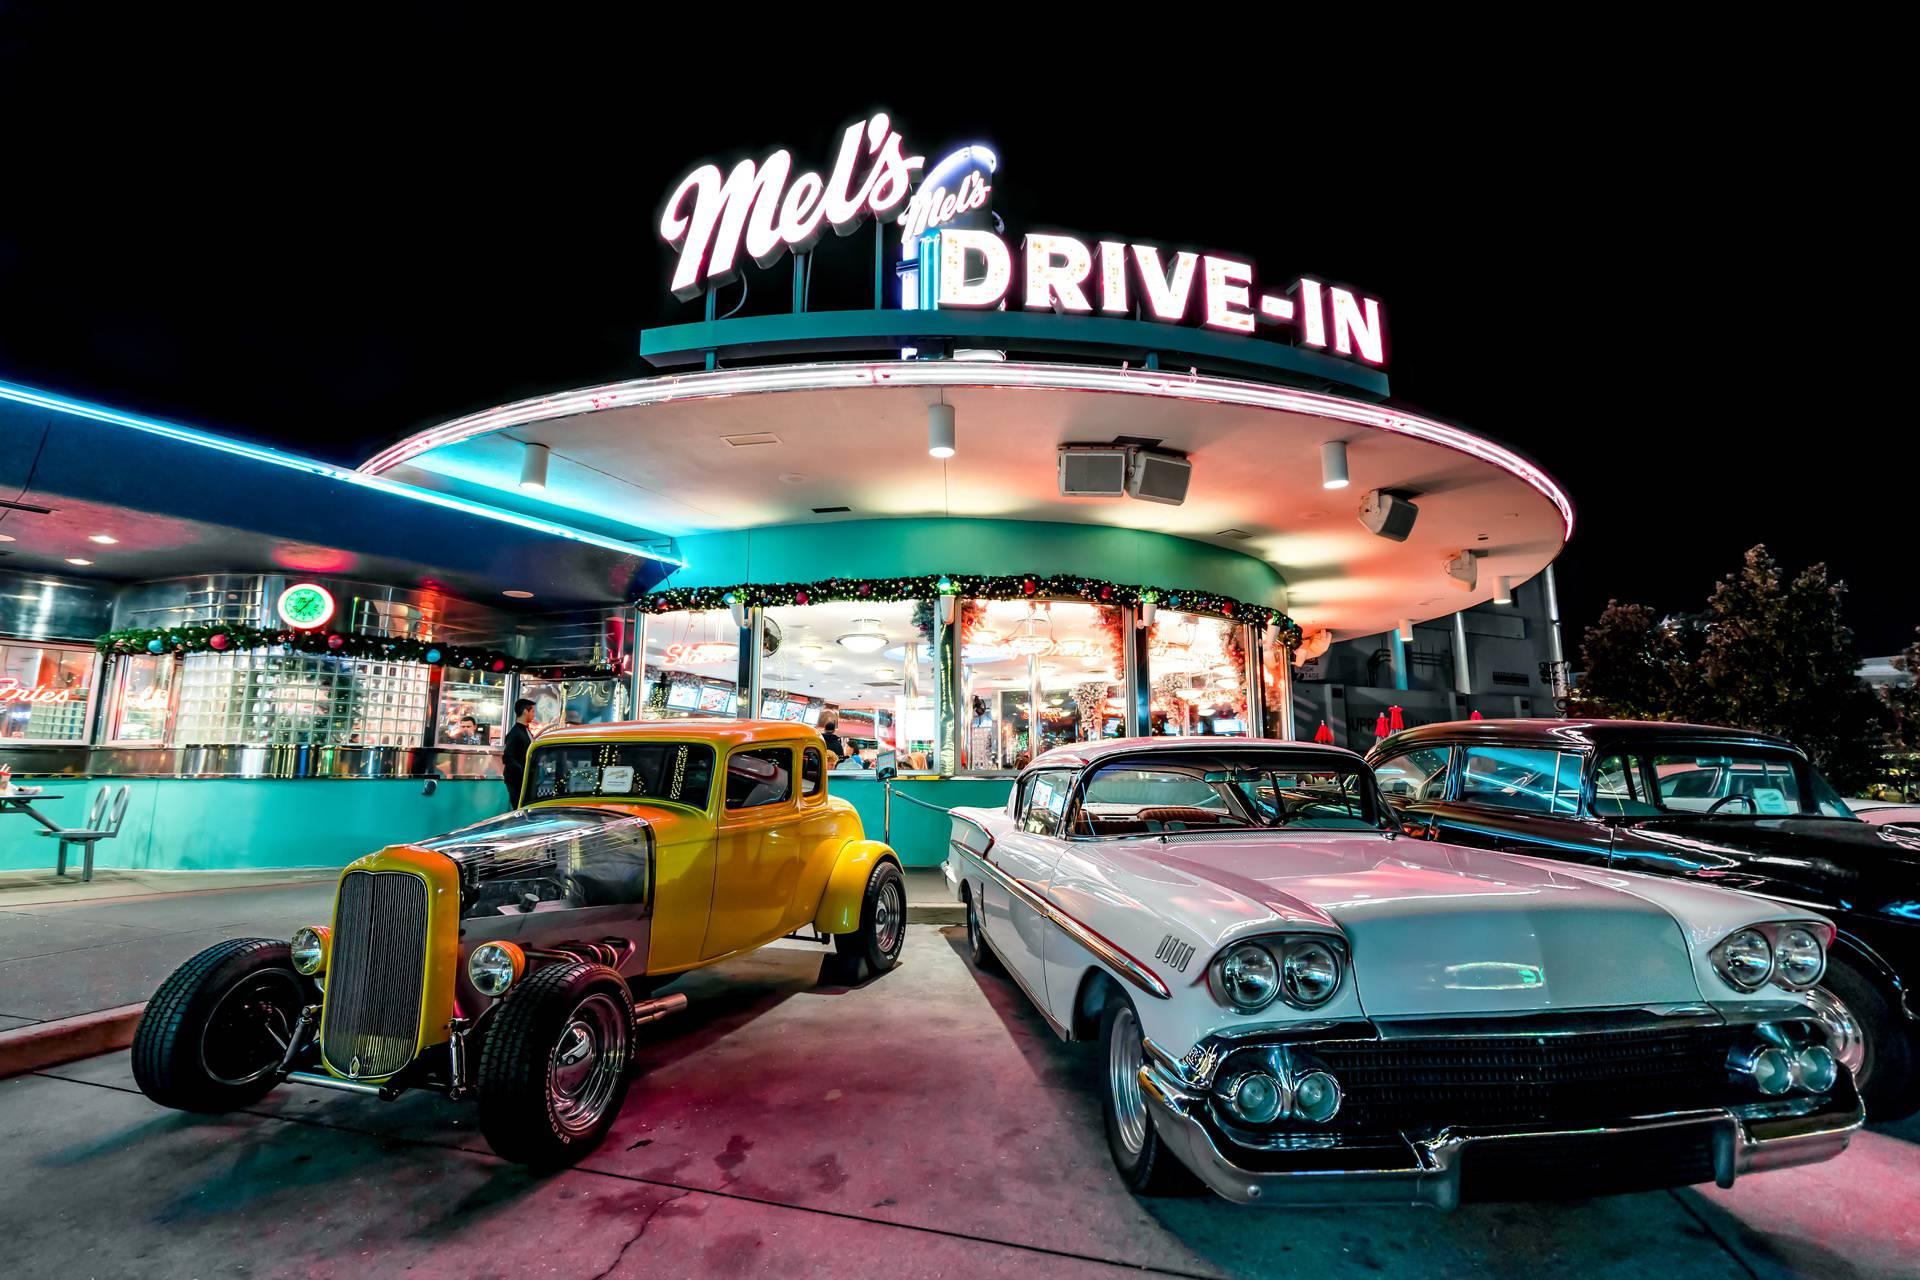 Drive-in restorani: Nekadašnja revolucija ponovno doživljava procvat zbog korona pandemije